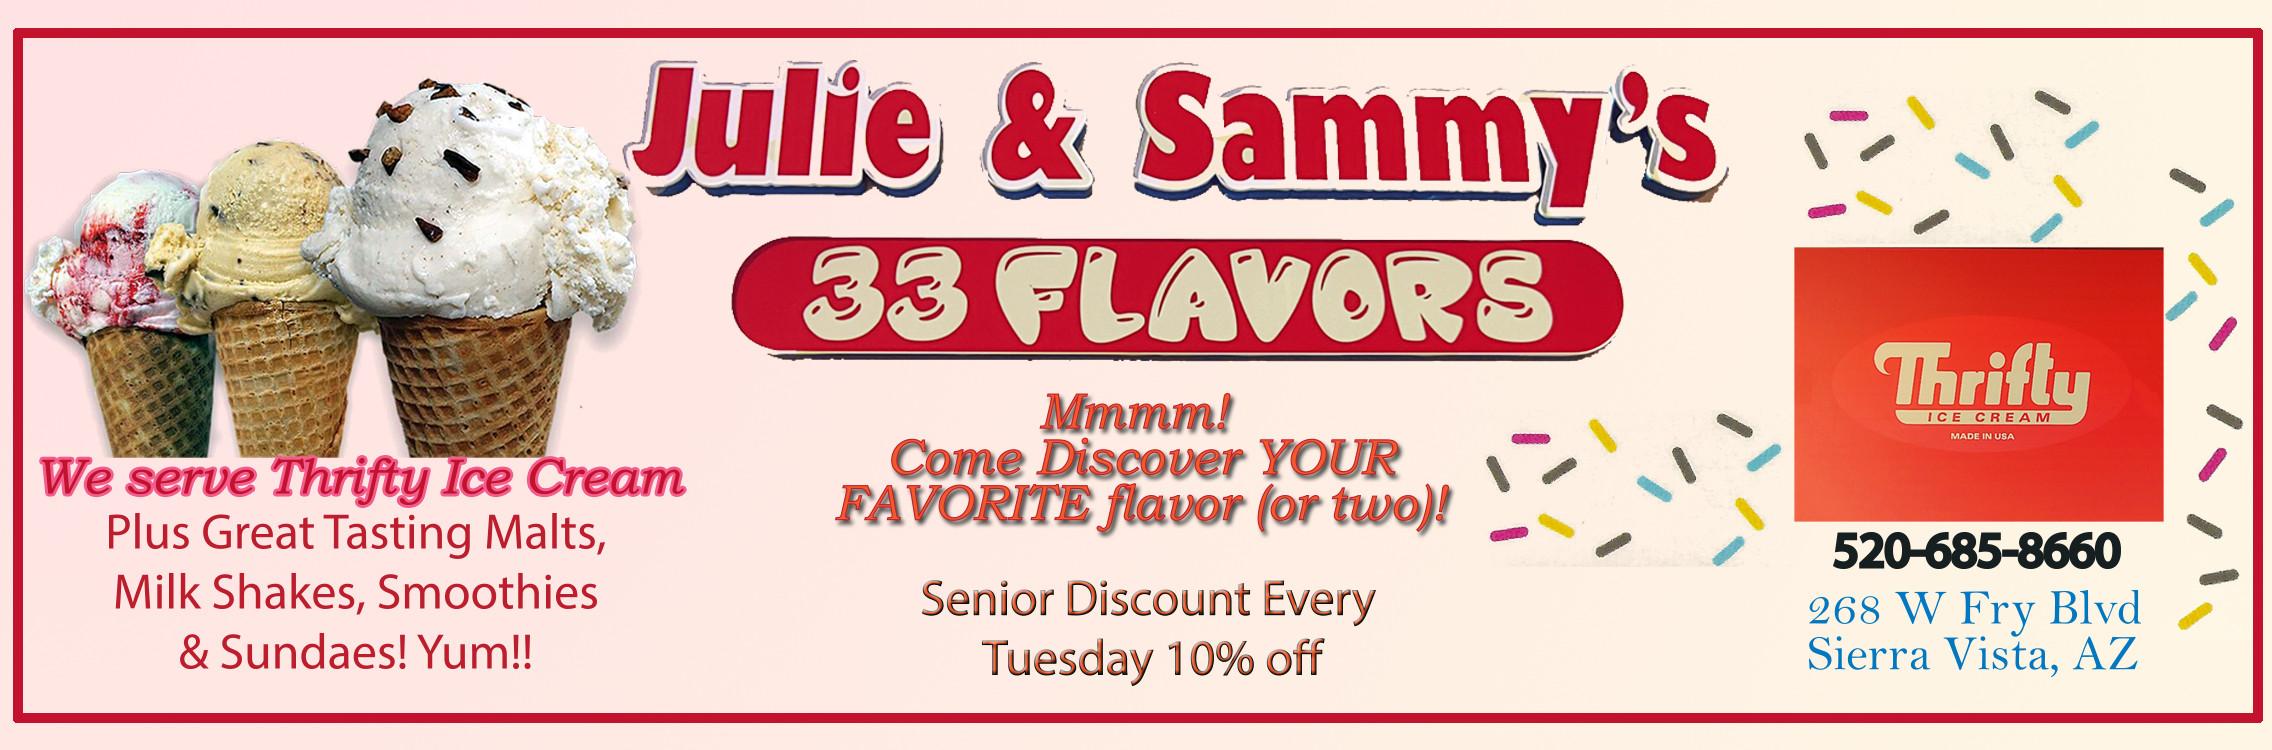 ad_julie_sammy_33_flavors 2020-2021 2012